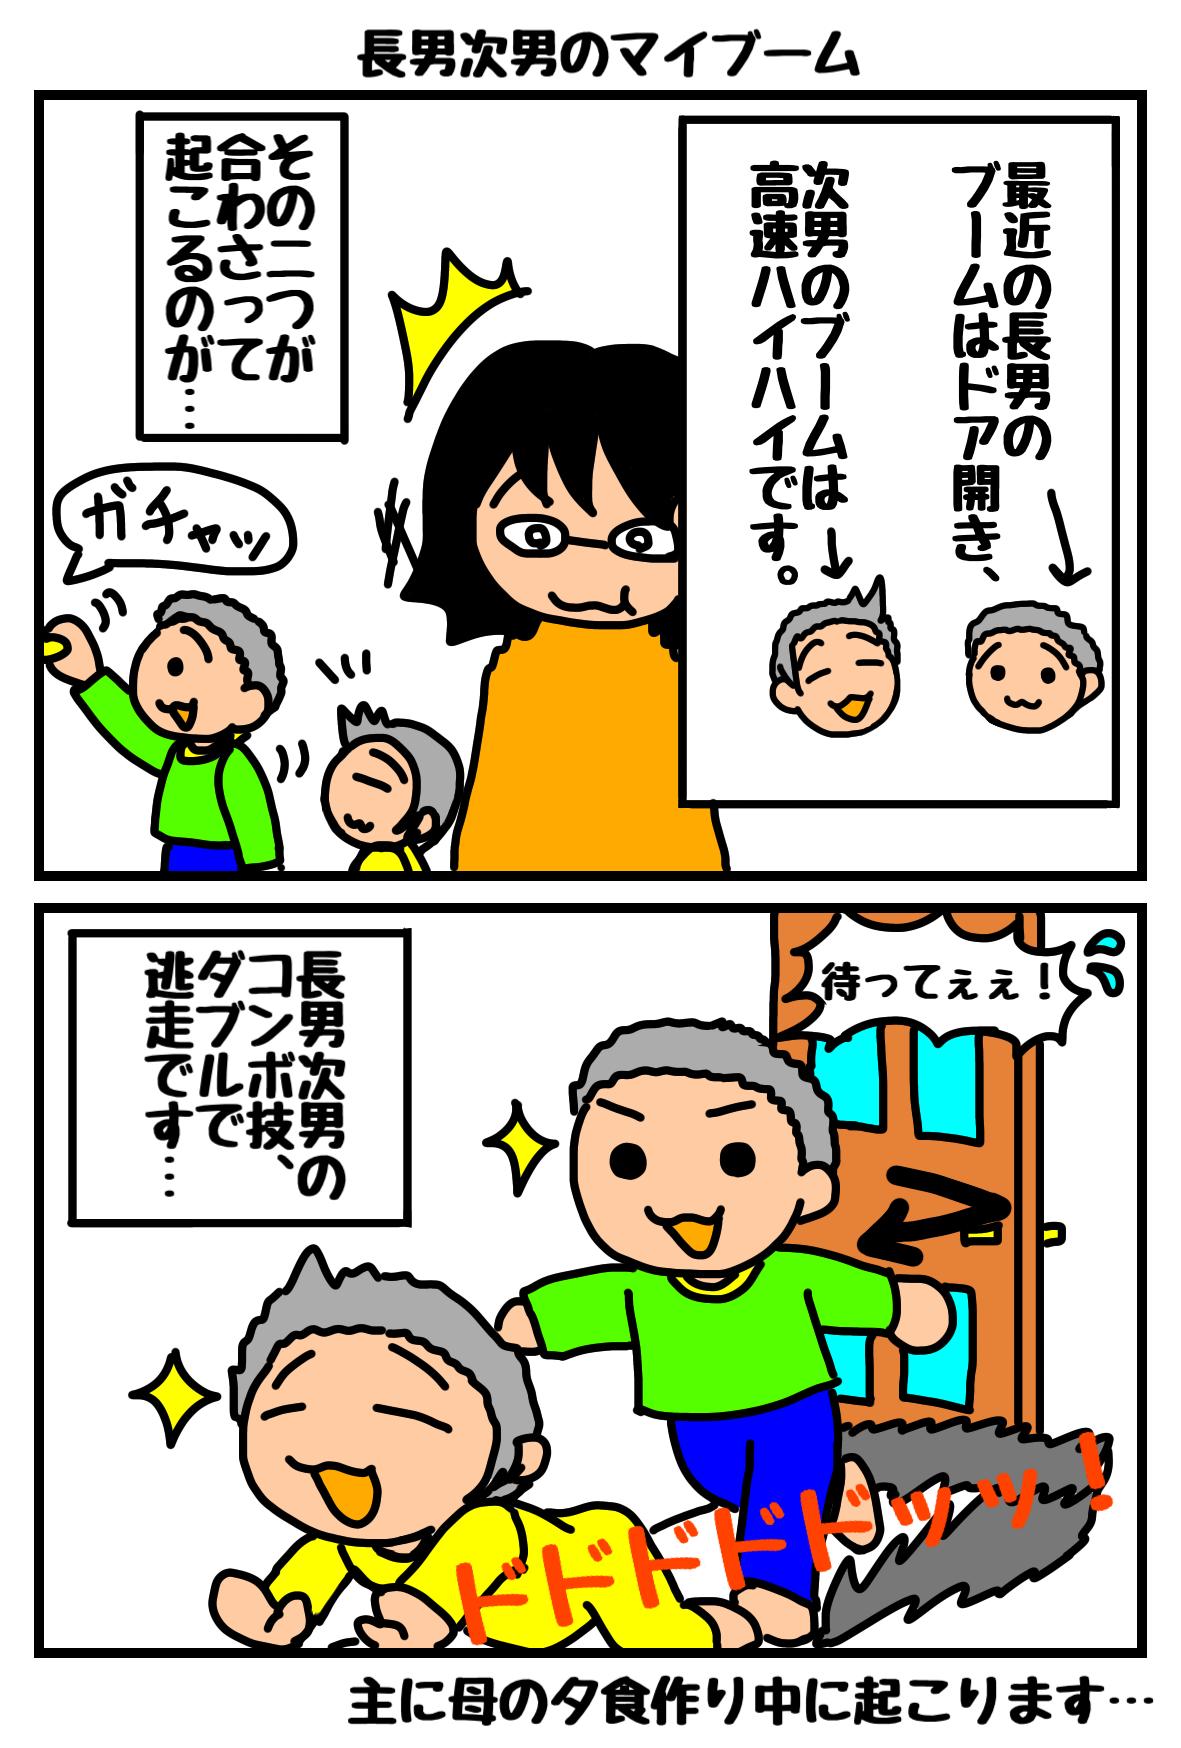 2コマ漫画9.png